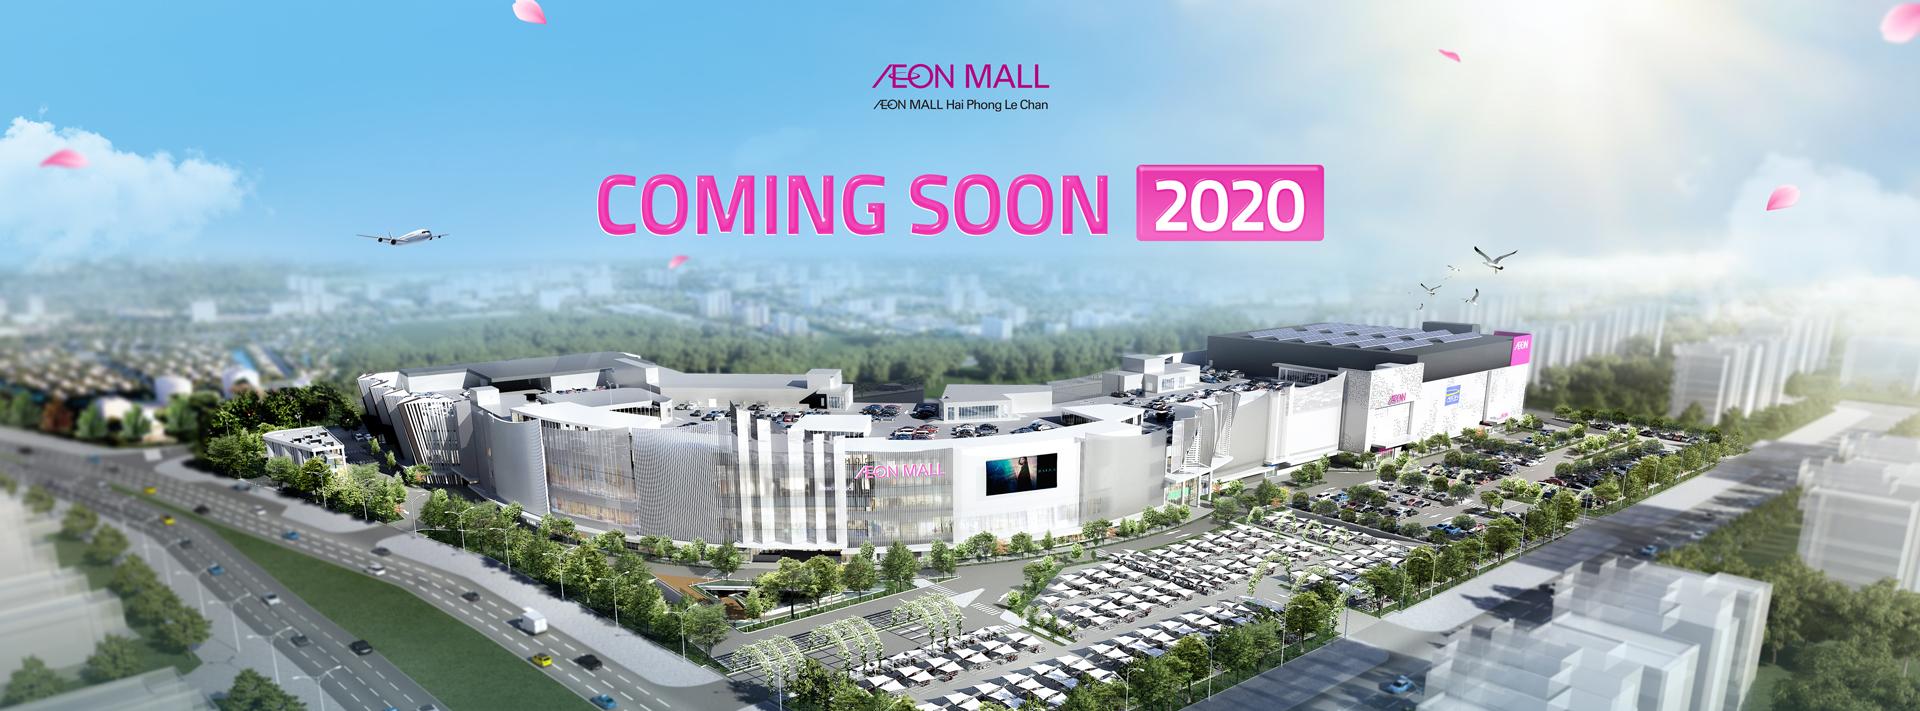 AEON MALL Hải Phòng Lê Chân khai trương năm 2020